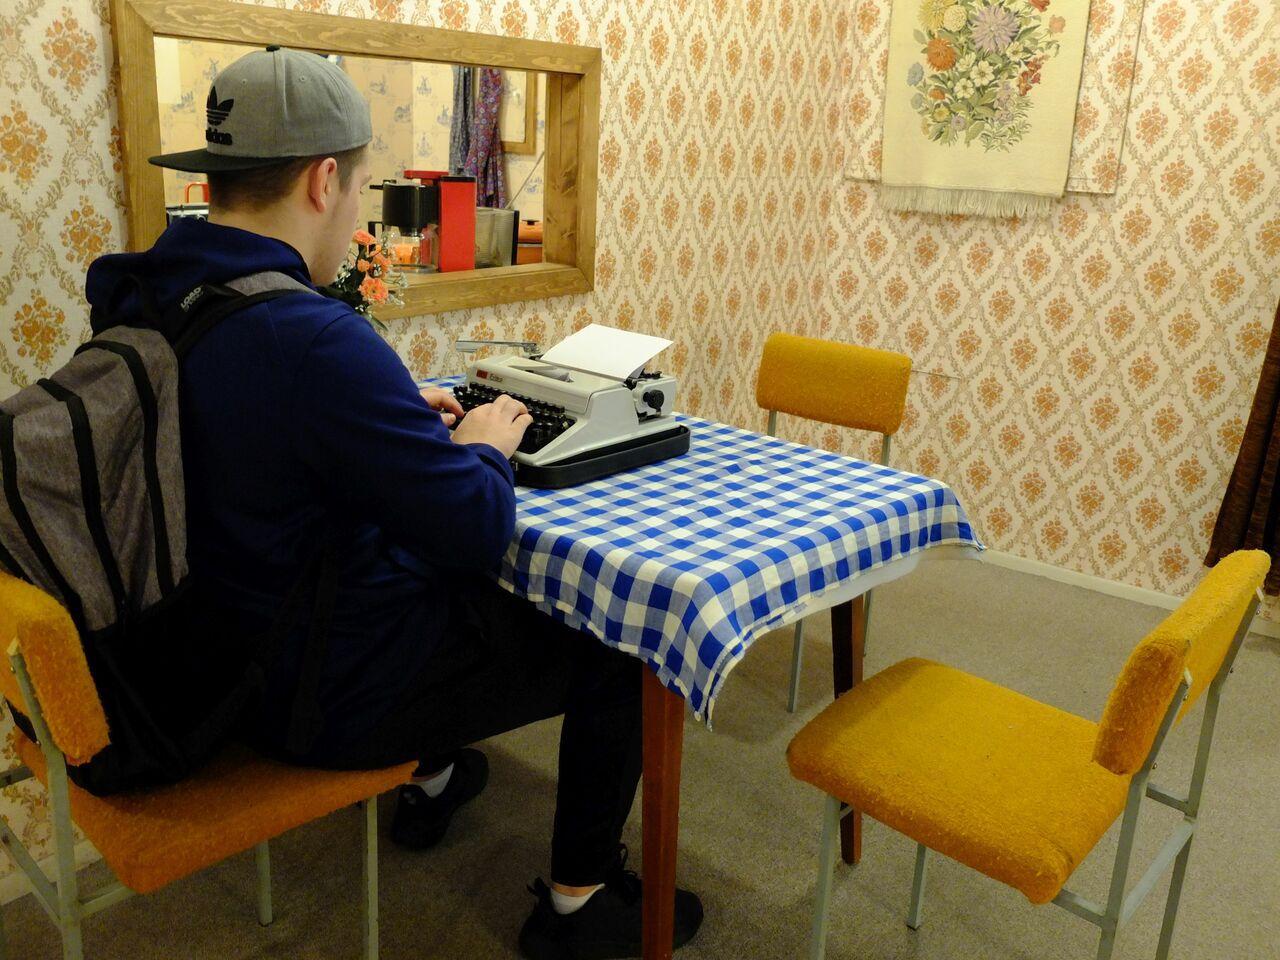 Ein Besucher des Berliner DDR-Museums übt sich an der Schreibmaschine. (Foto: Sabine Stach)